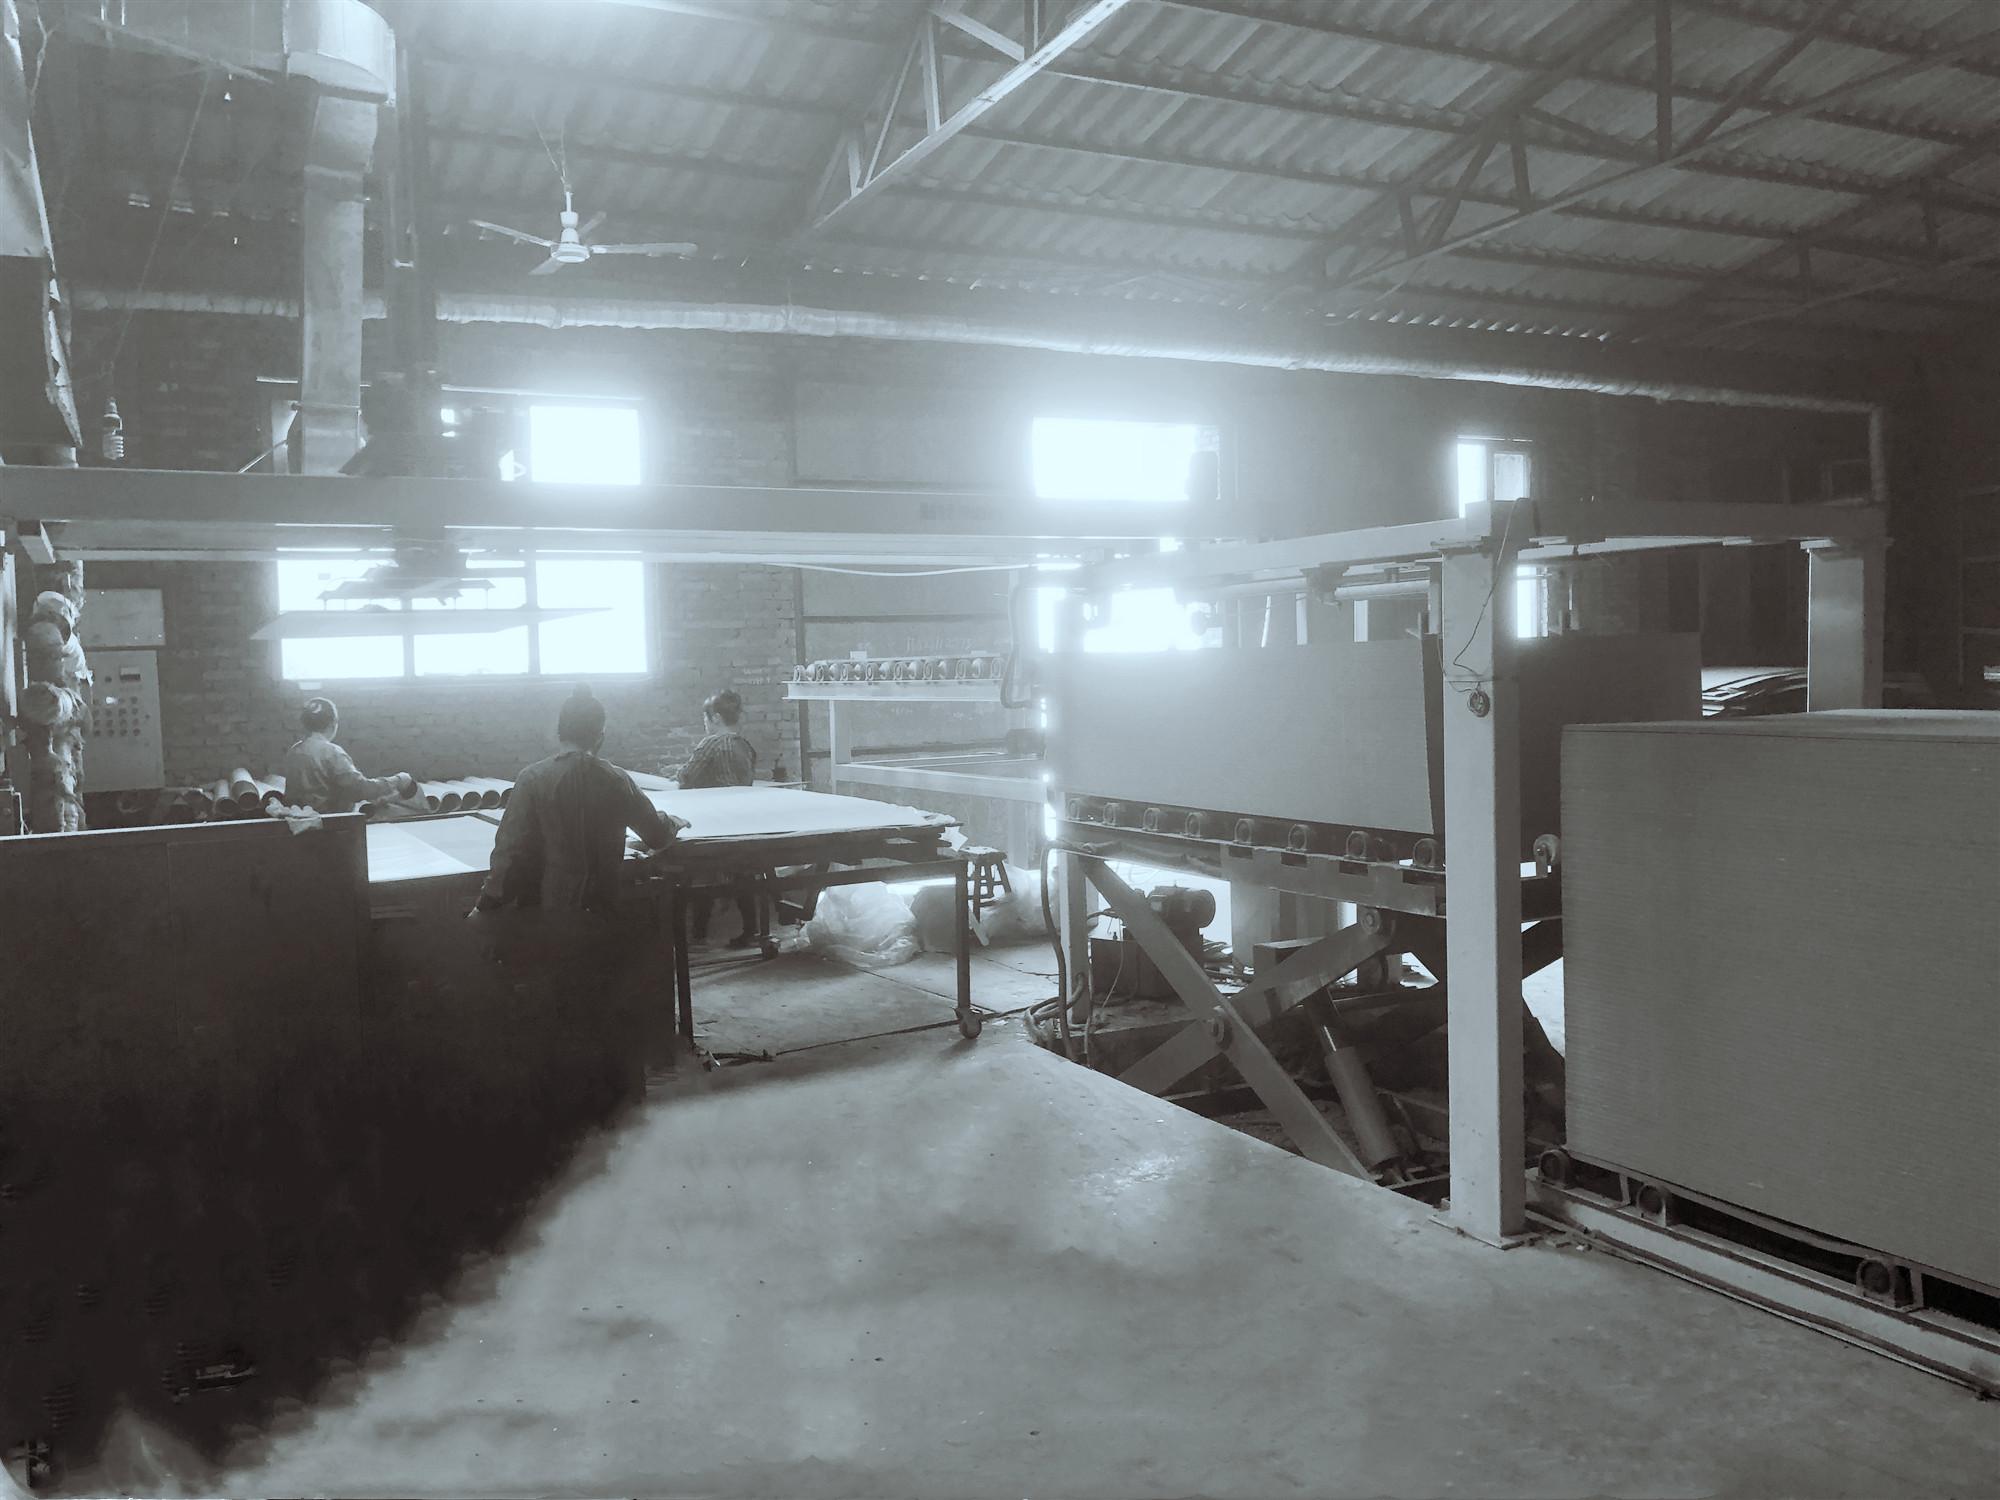 江苏热压机流水线、主要用于一高、中密度板、刨花板等为基材生产家具板或顾边人造板